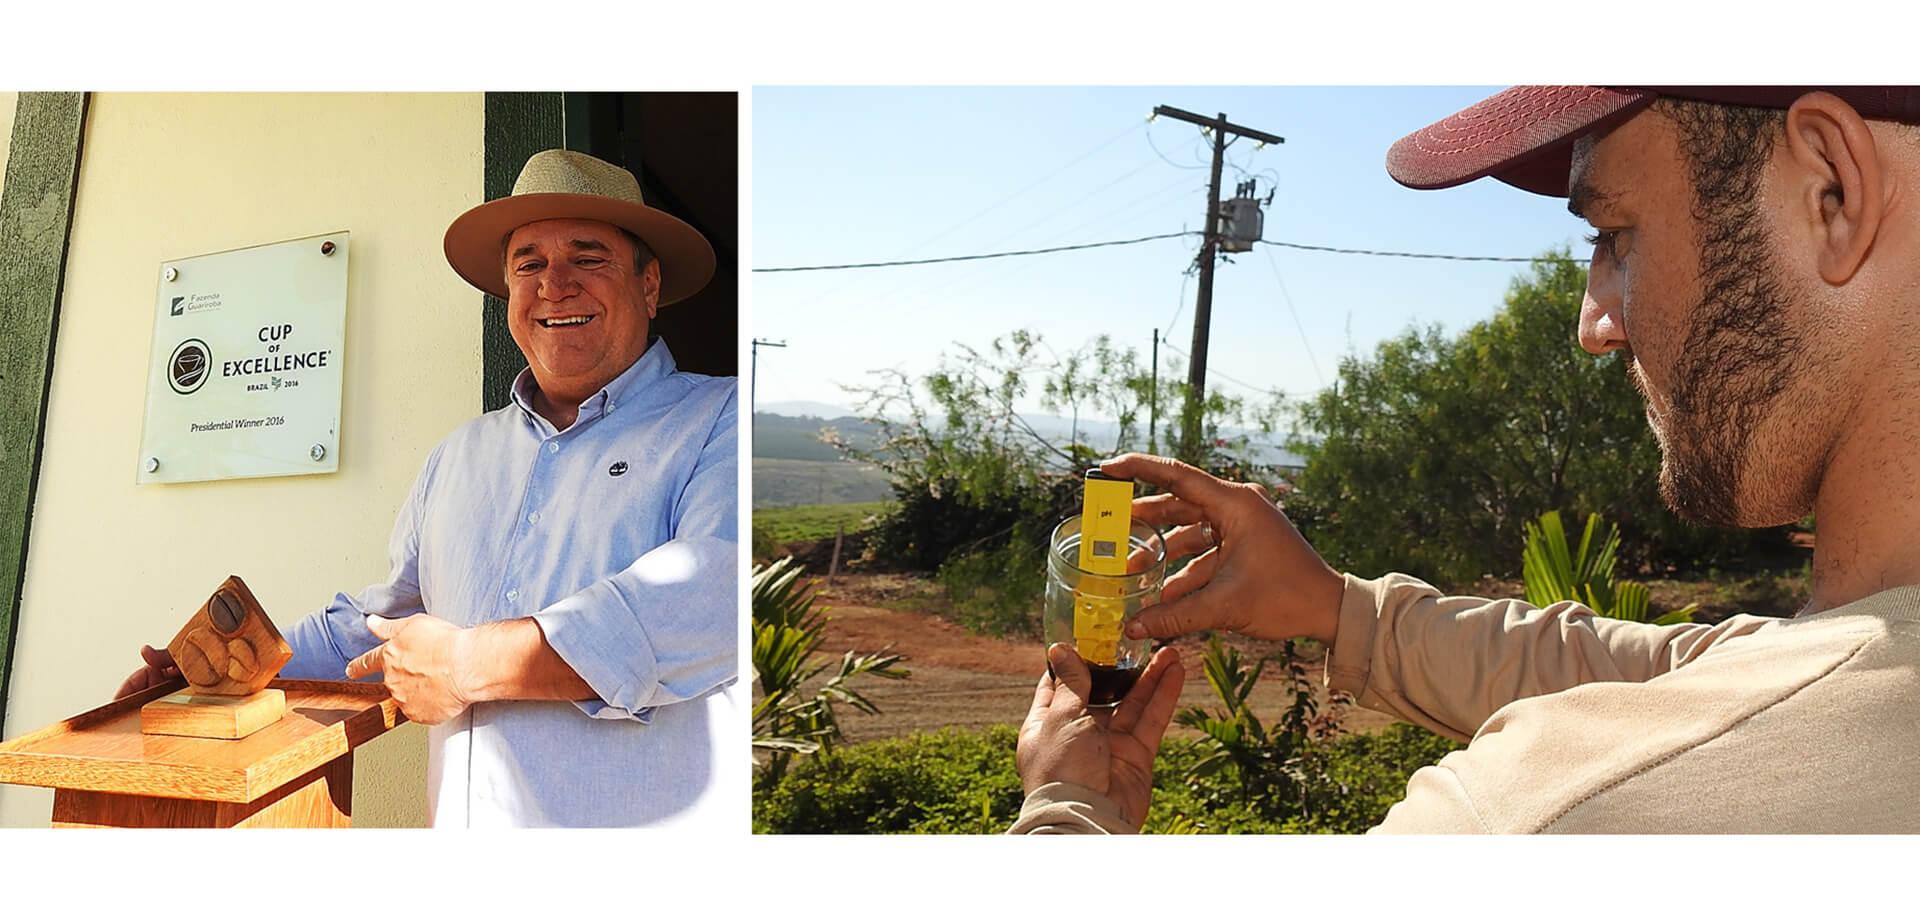 グアリロバ農園 ニュークロップお試しフェア